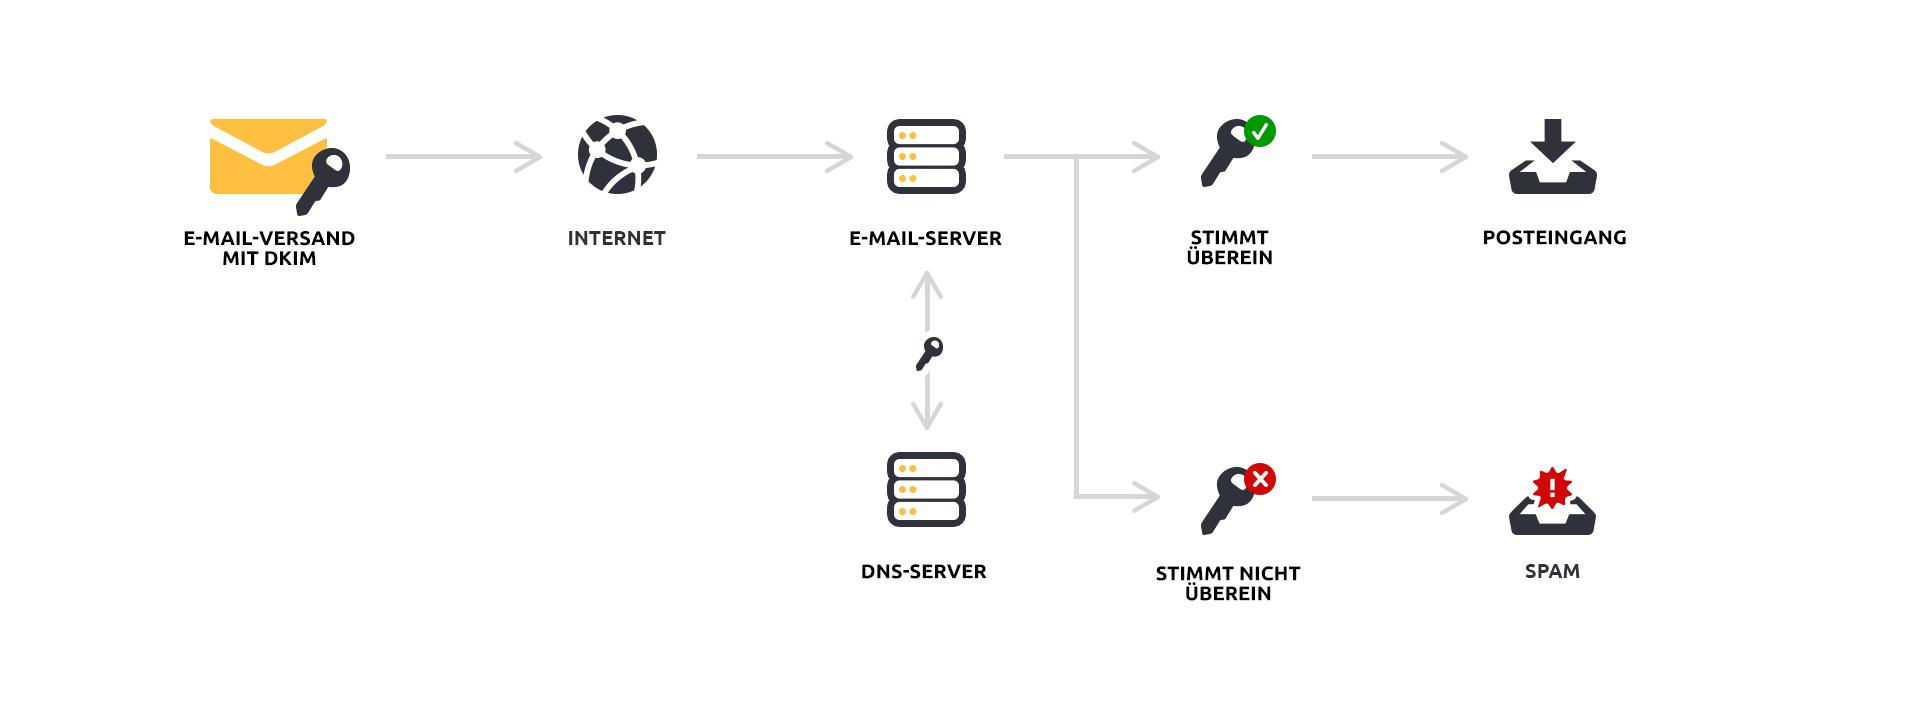 DKIM Authentication